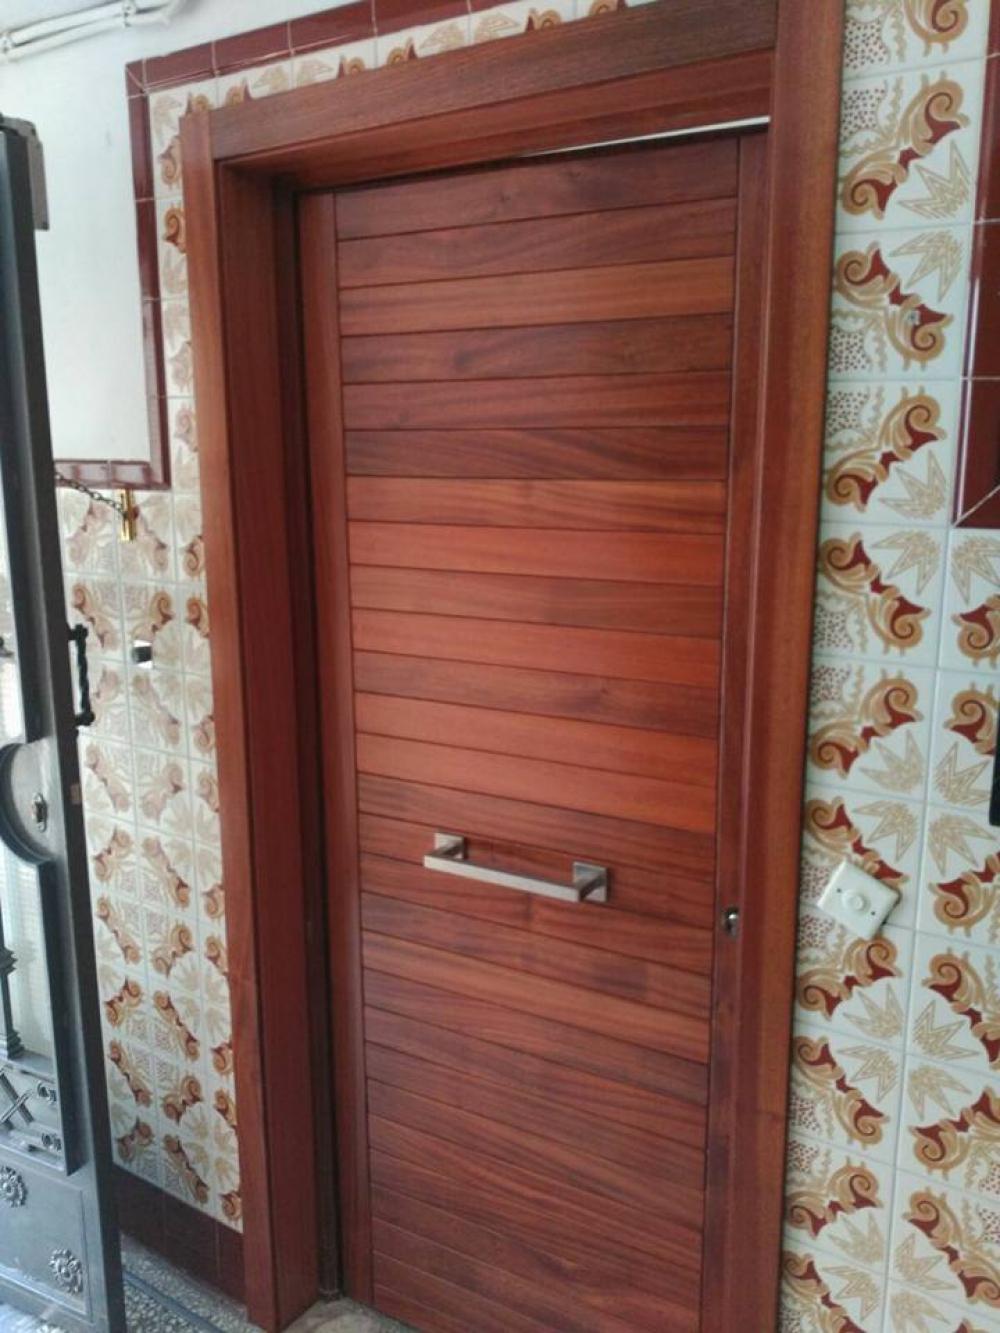 Puertas de madera en sevilla affordable proyecto integral de puertas y ventanas en de seguridad - Puertas de madera en sevilla ...